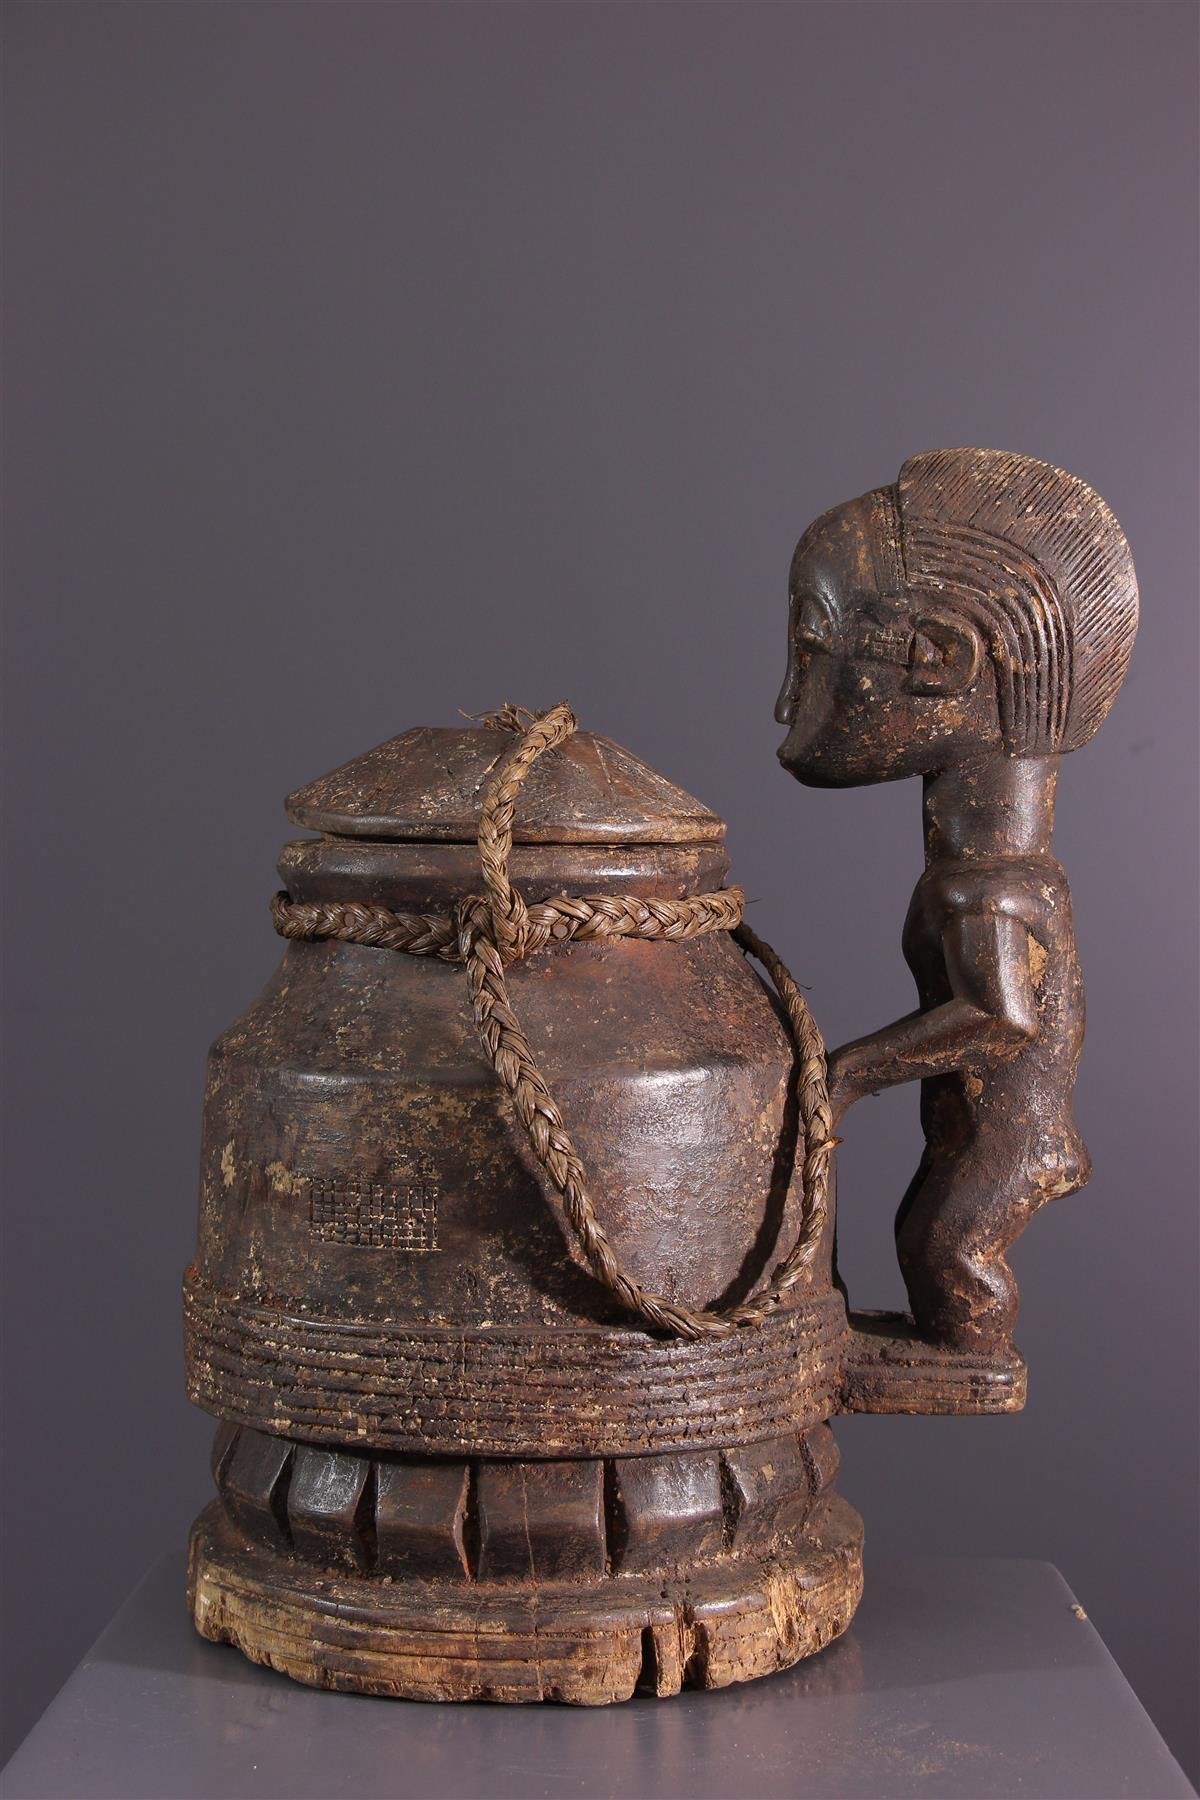 Boîte à souris Baoule - Art africain